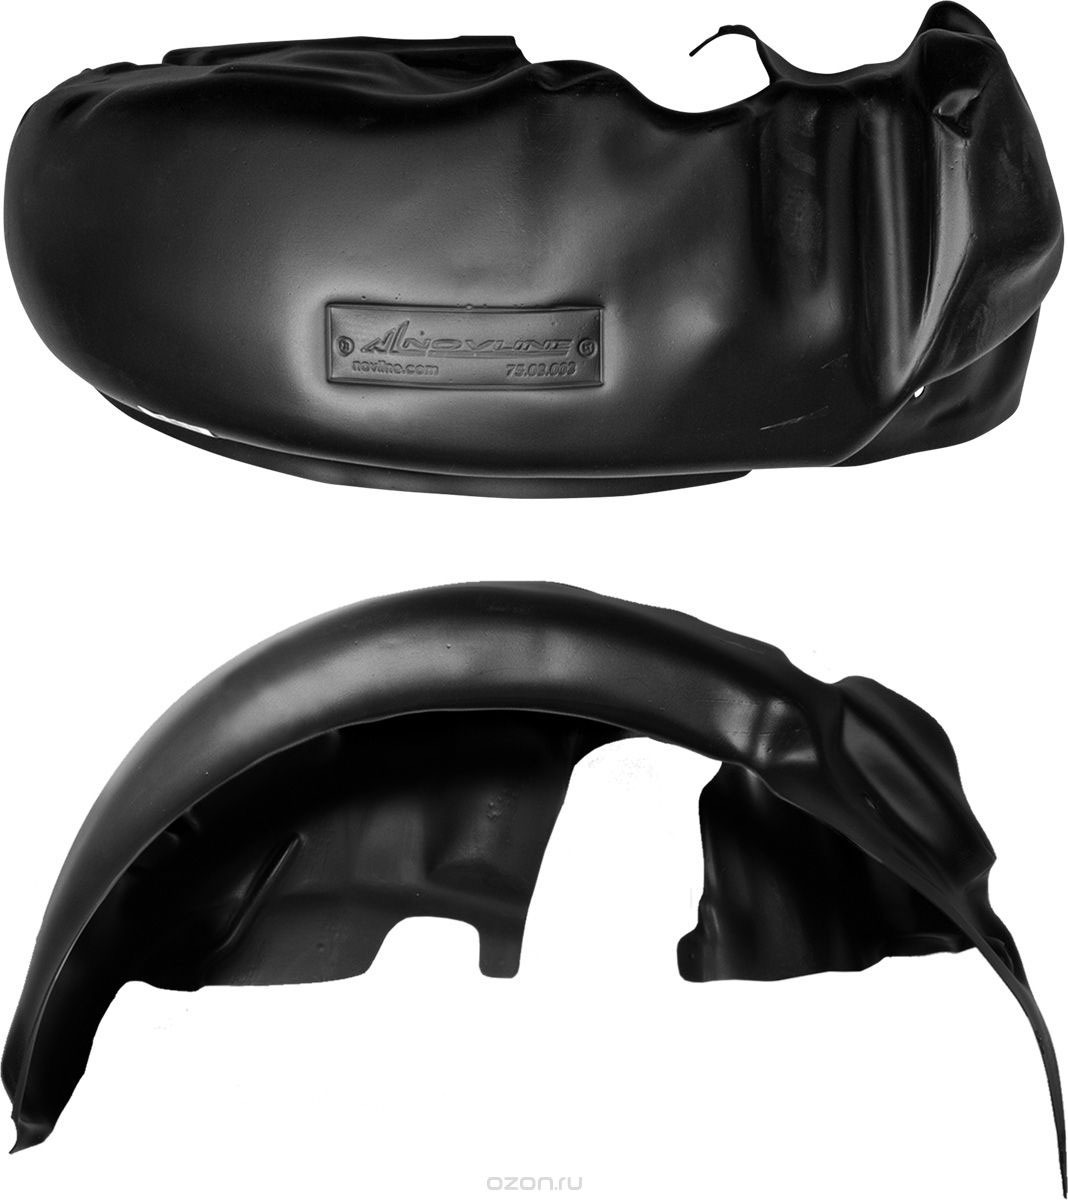 Подкрылок Novline-Autofamily, для HAIMA M3, 09/2014->, сед., передний правыйNLL.83.03.002Идеальная защита колесной ниши. Локеры разработаны с применением цифровых технологий, гарантируют максимальную повторяемость поверхности арки. Изделия устанавливаются без нарушения лакокрасочного покрытия автомобиля, каждый подкрылок комплектуется крепежом. Уважаемые клиенты, обращаем ваше внимание, что фотографии на подкрылки универсальные и не отражают реальную форму изделия. При этом само изделие идет точно под размер указанного автомобиля.